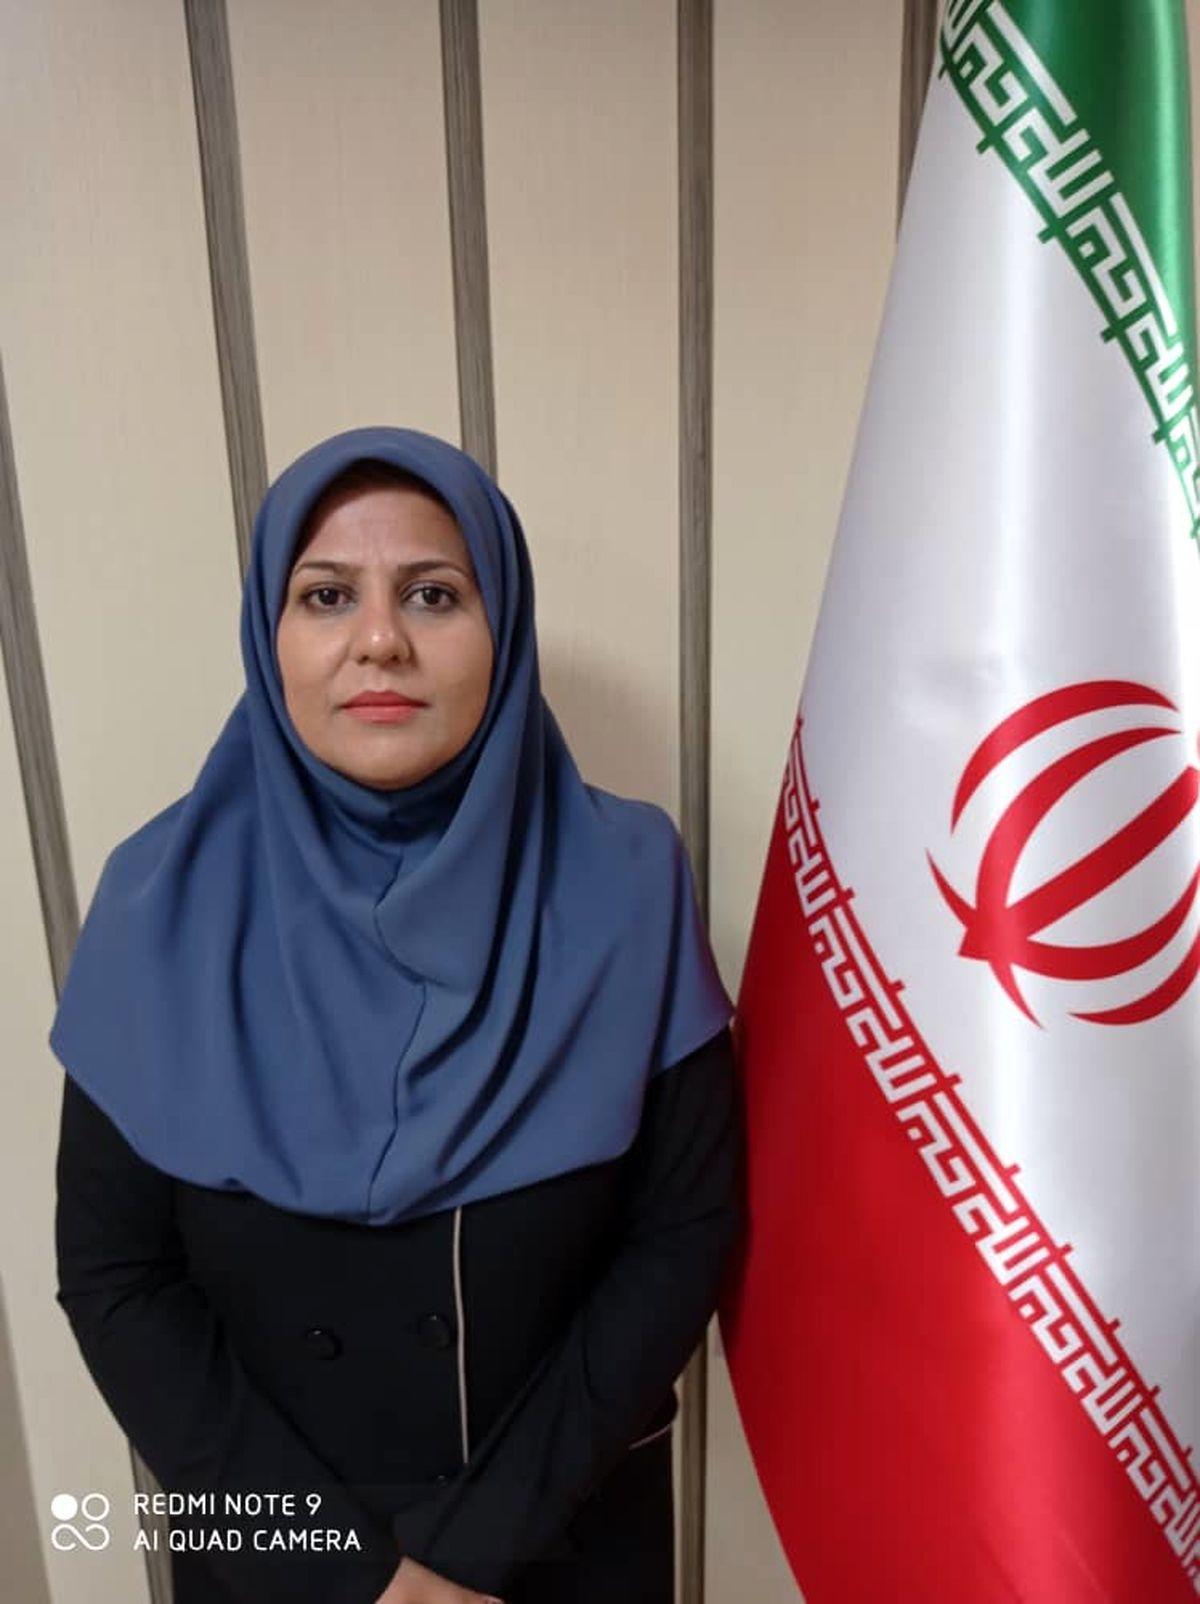 شاخص های کم نظیر در  میراث فرهنگی گردشگری و صنایع دستی استان